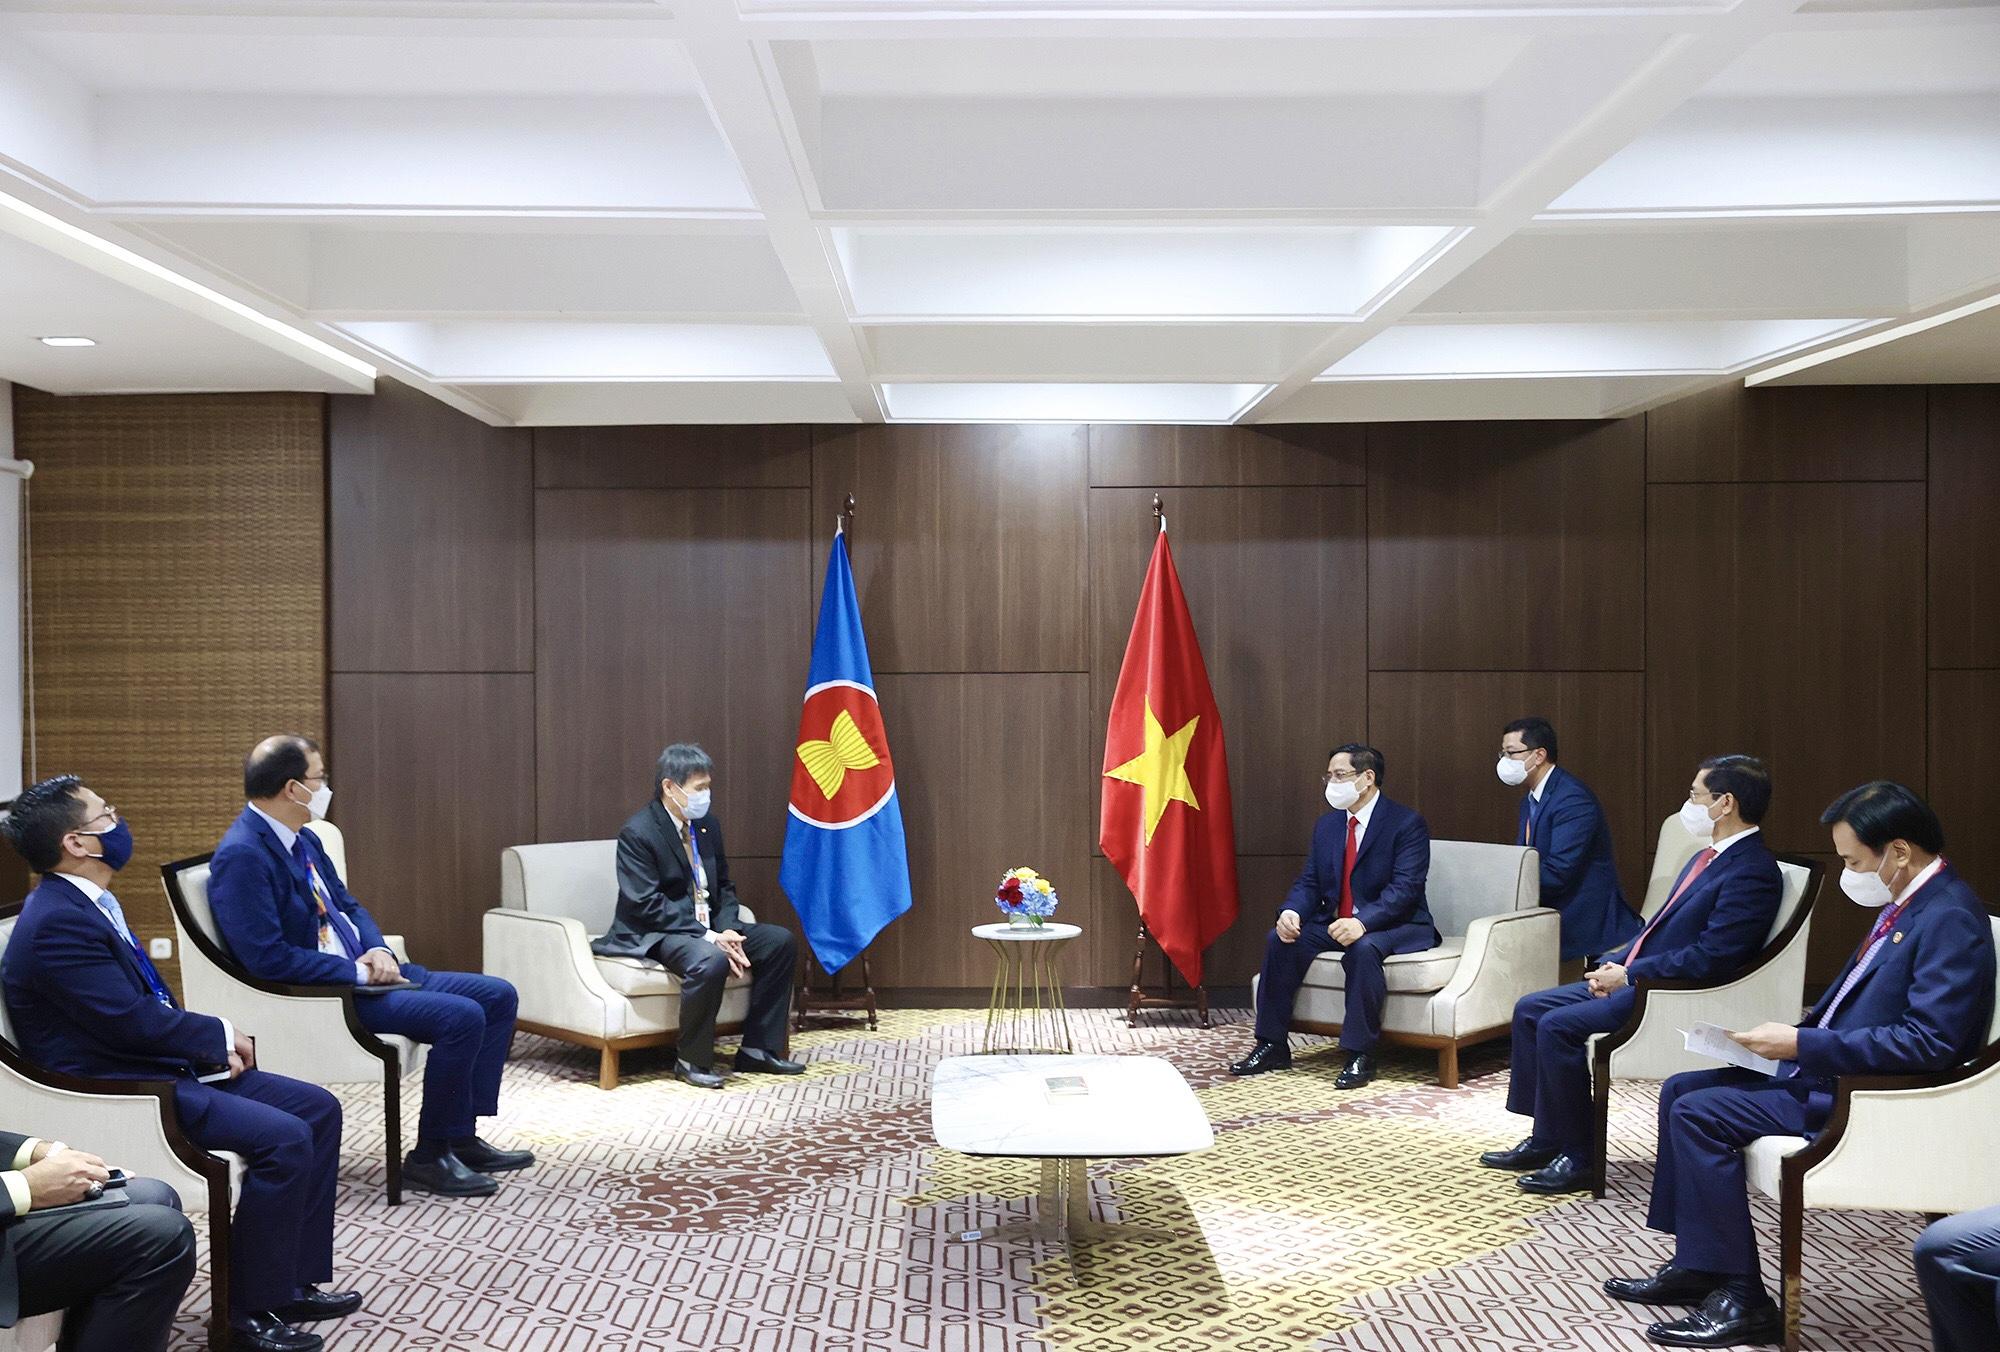 Thủ tướng Chính phủ Phạm Minh Chính tiếp Tổng Thư ký ASEAN